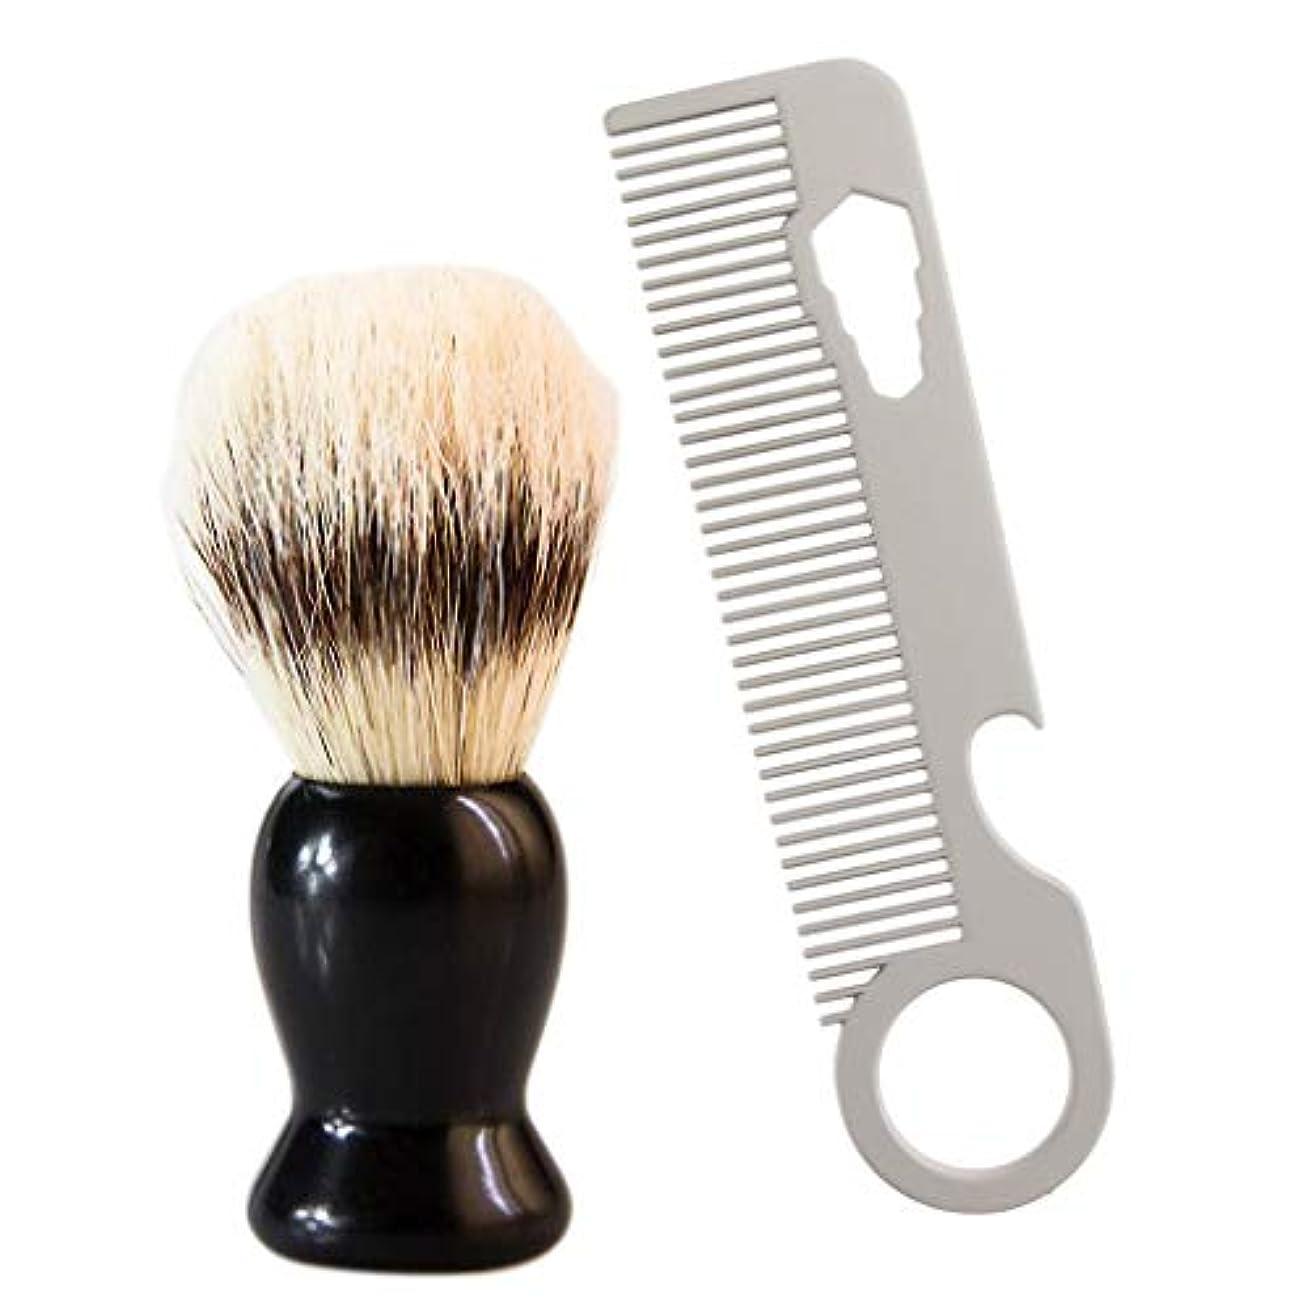 トリップ振幅下Hellery メンズ シェービングブラシセット ひげ剃り櫛 理容 洗顔 髭剃り 家庭用 旅行 贈り物